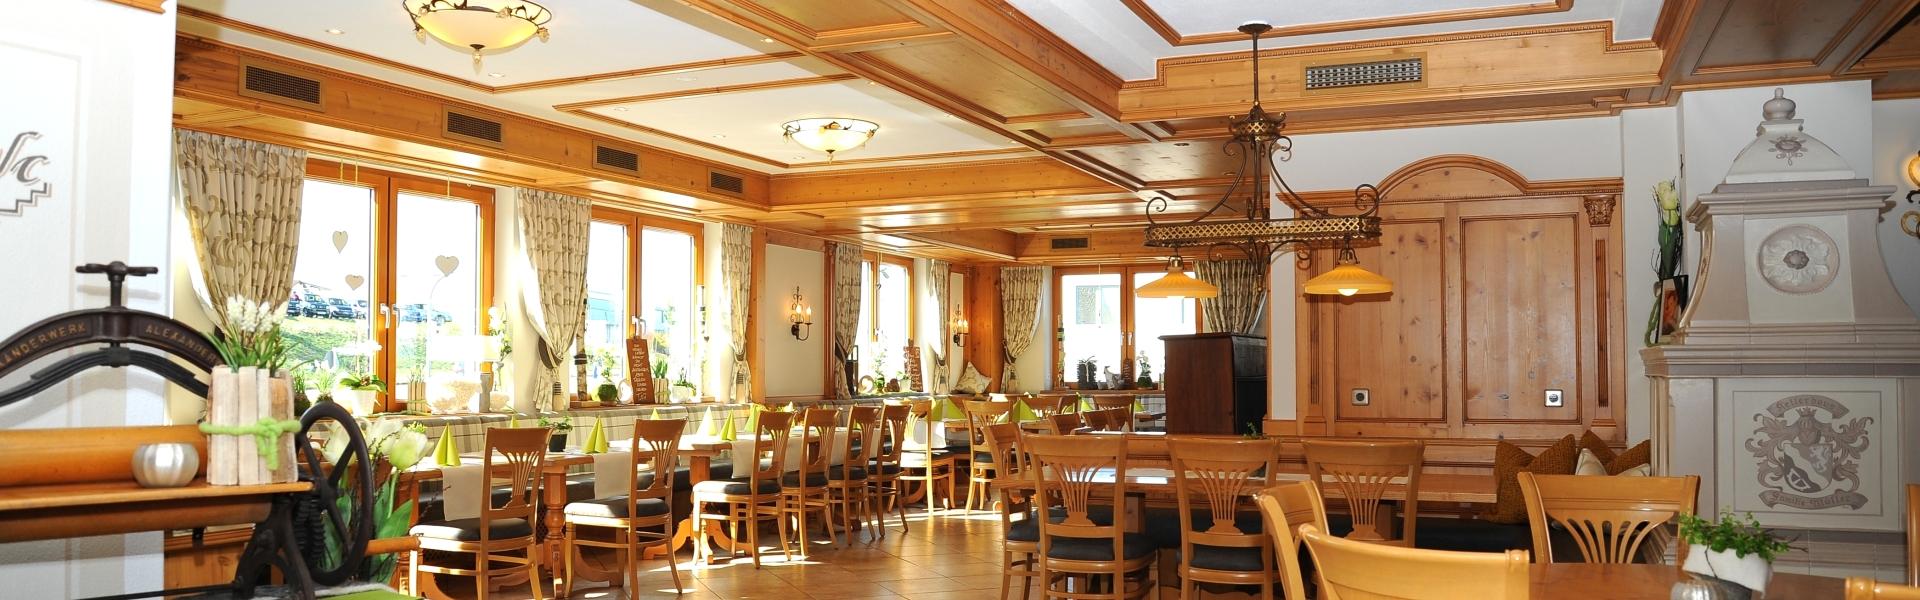 Kellerhaus Oberalfingen - Unser Gasthof, Essen und Trinken von AH! bis OH!